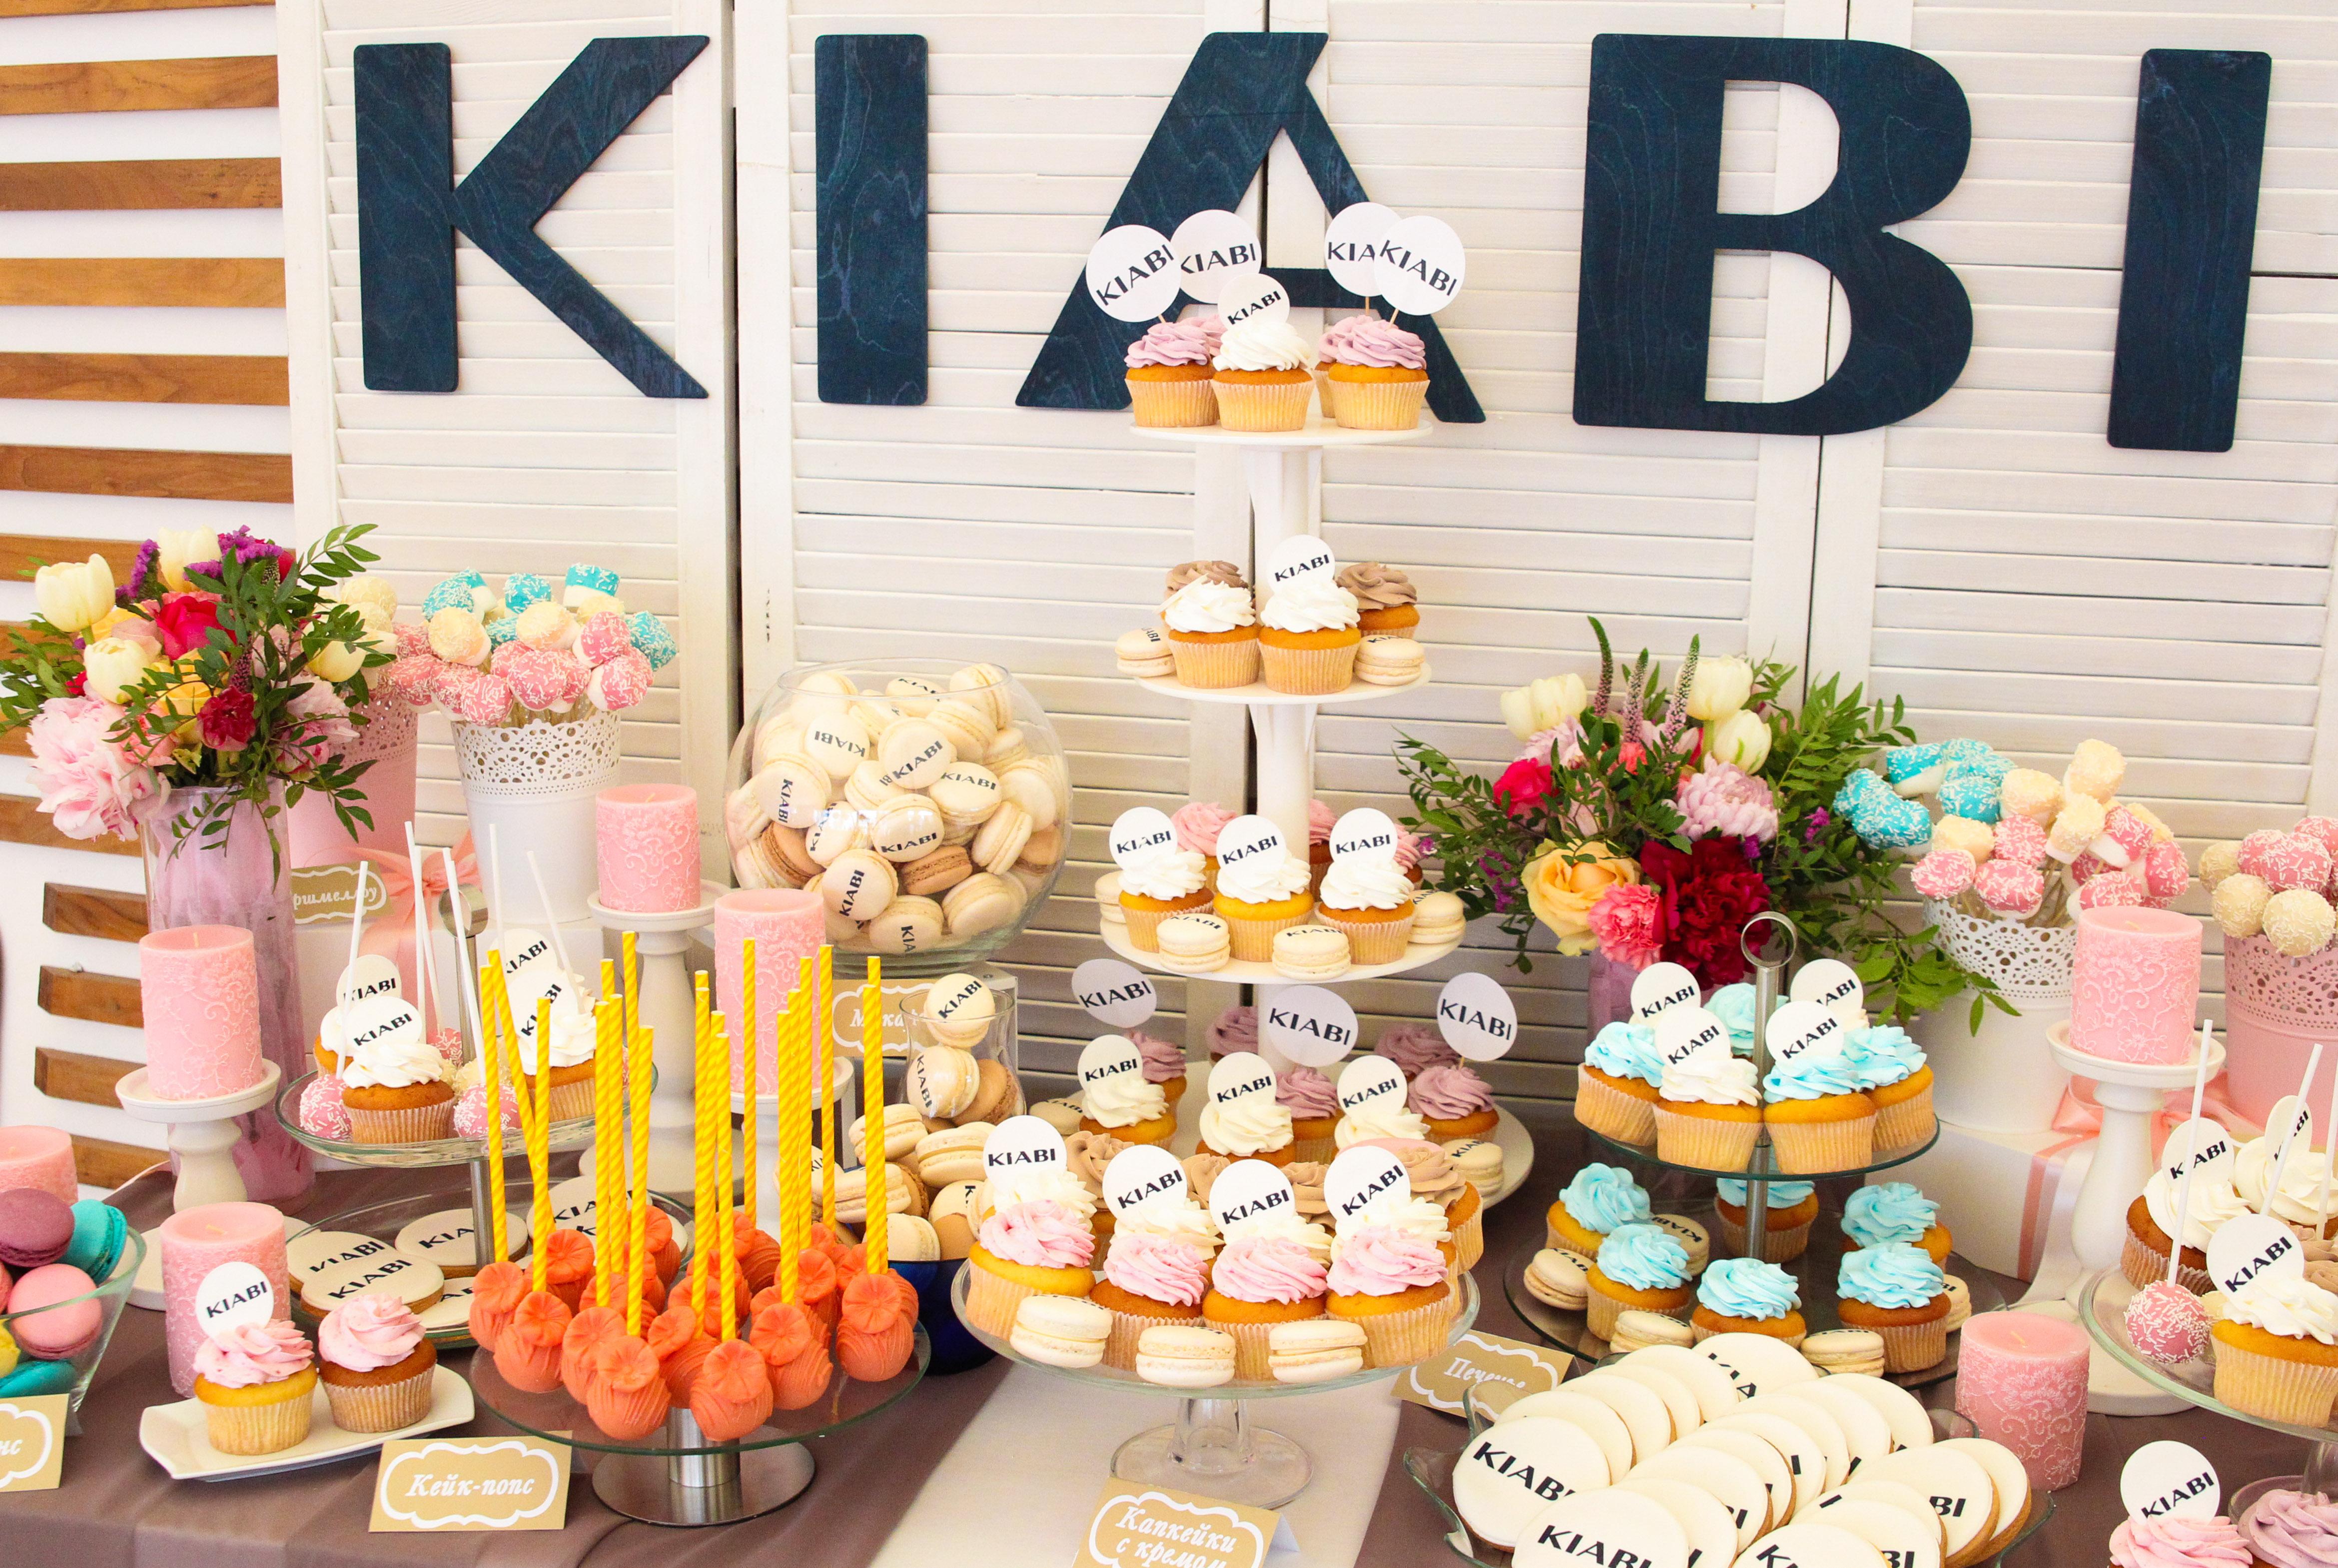 KIABI раскрашивает жизнь: пресс-вечеринка во французском стиле